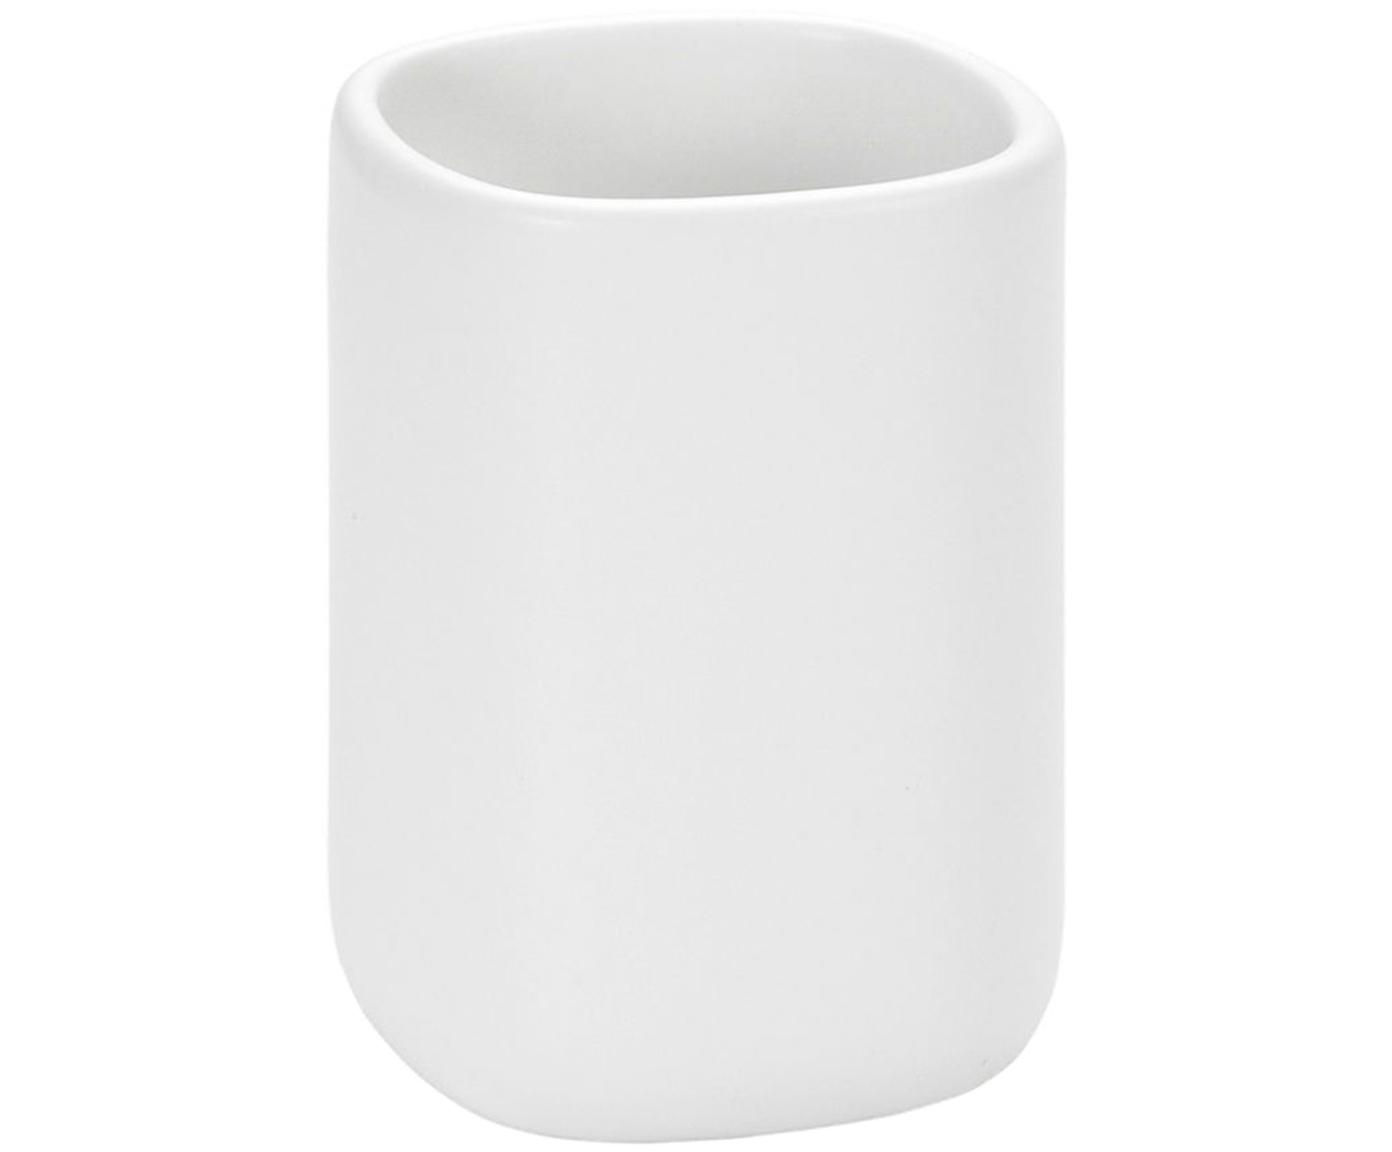 Keramik-Zahnputzbecher Wili, Keramik, Weiß, Ø 7 x H 11 cm